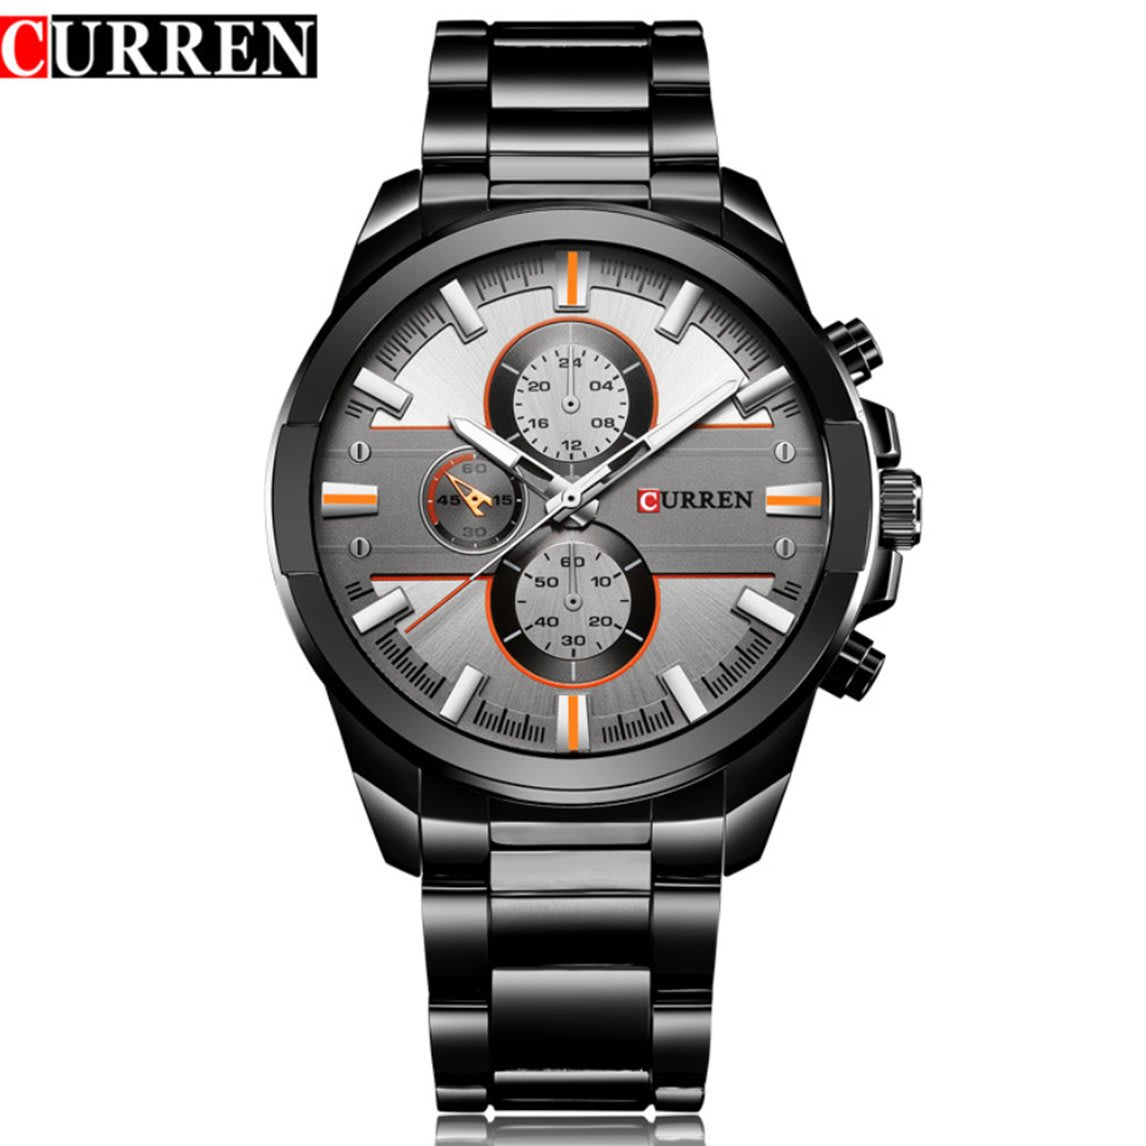 【潮鞋基地】CURREN /卡瑞恩男士鋼帶手錶男錶時尚運動休閒腕錶男8274